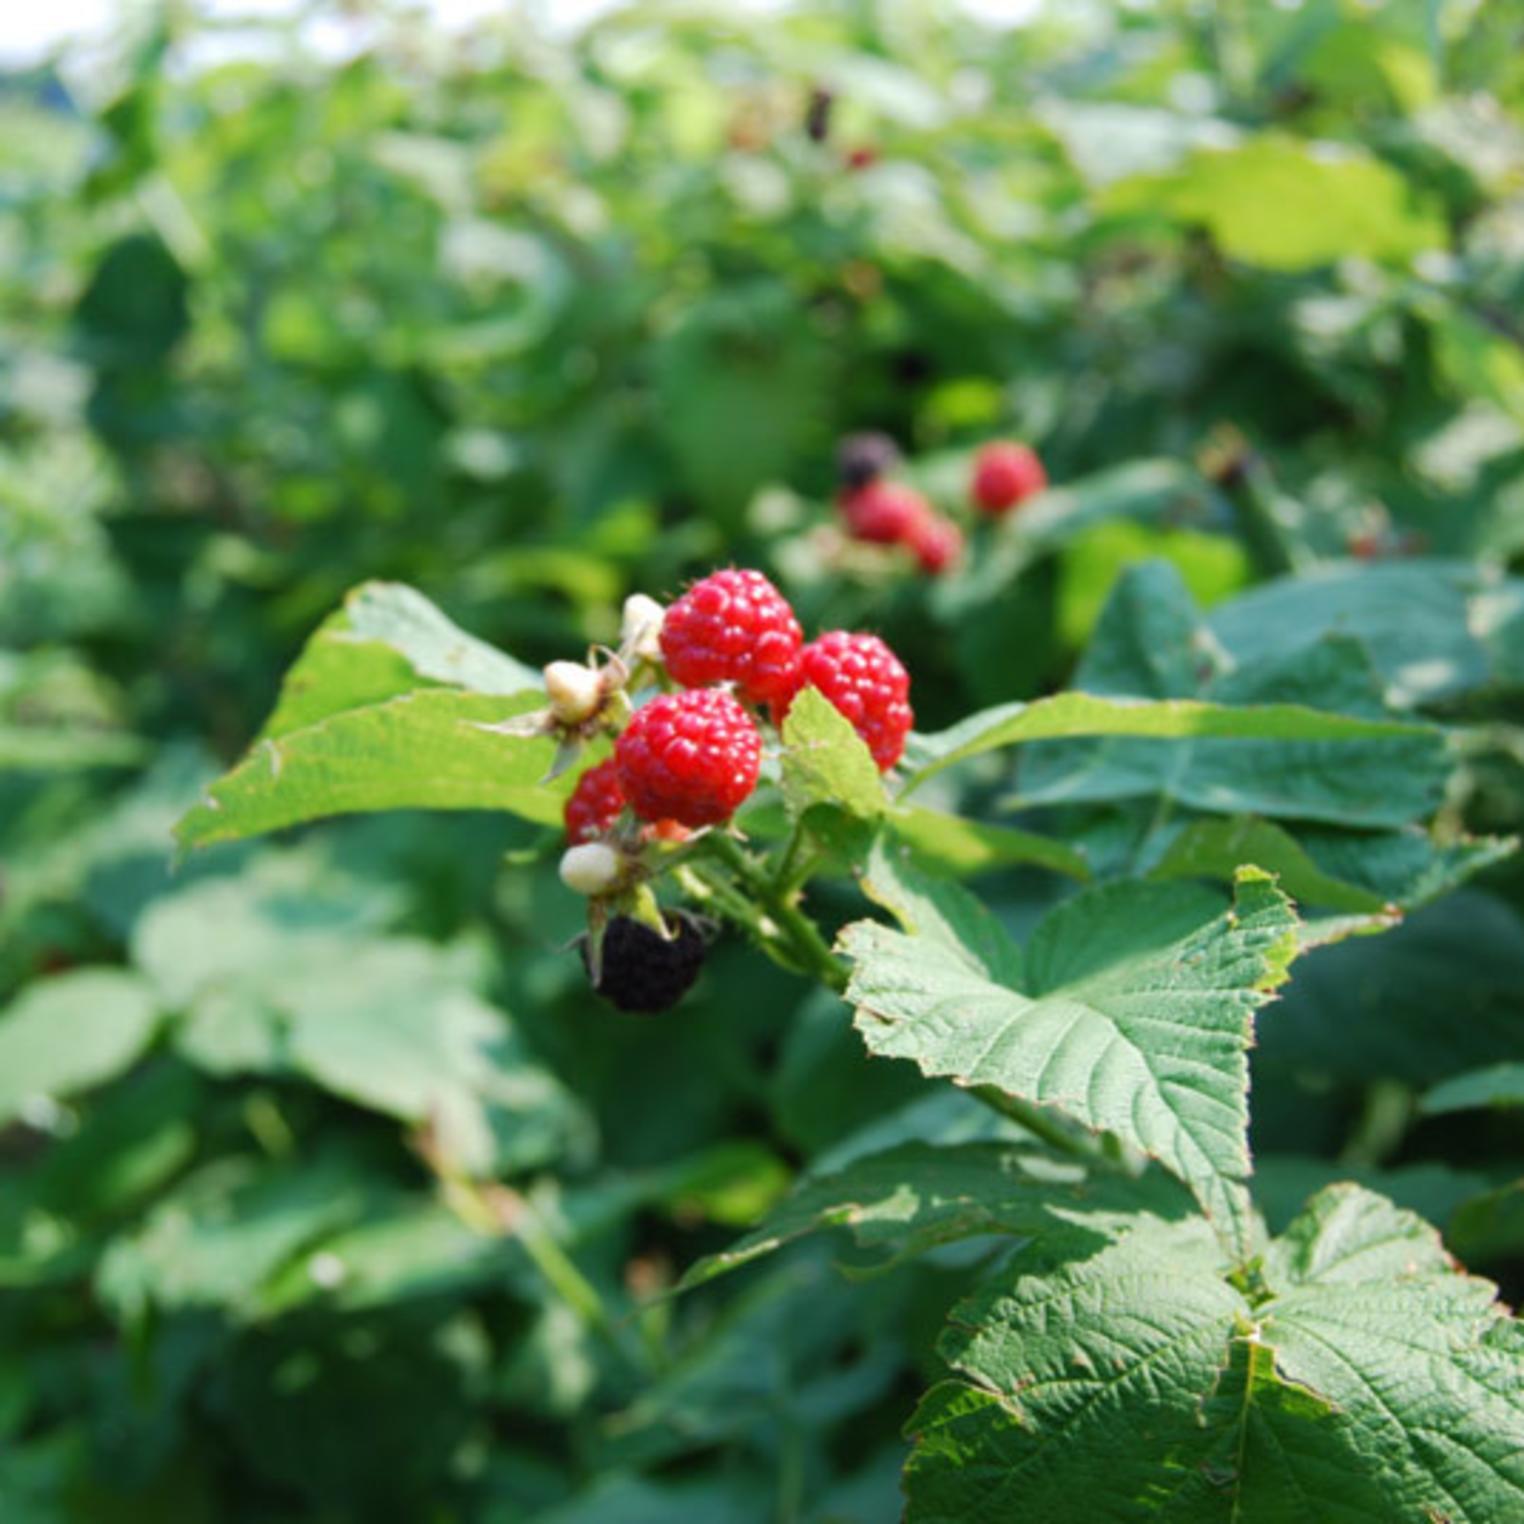 Oak Grove Farm U-Pick Raspberries